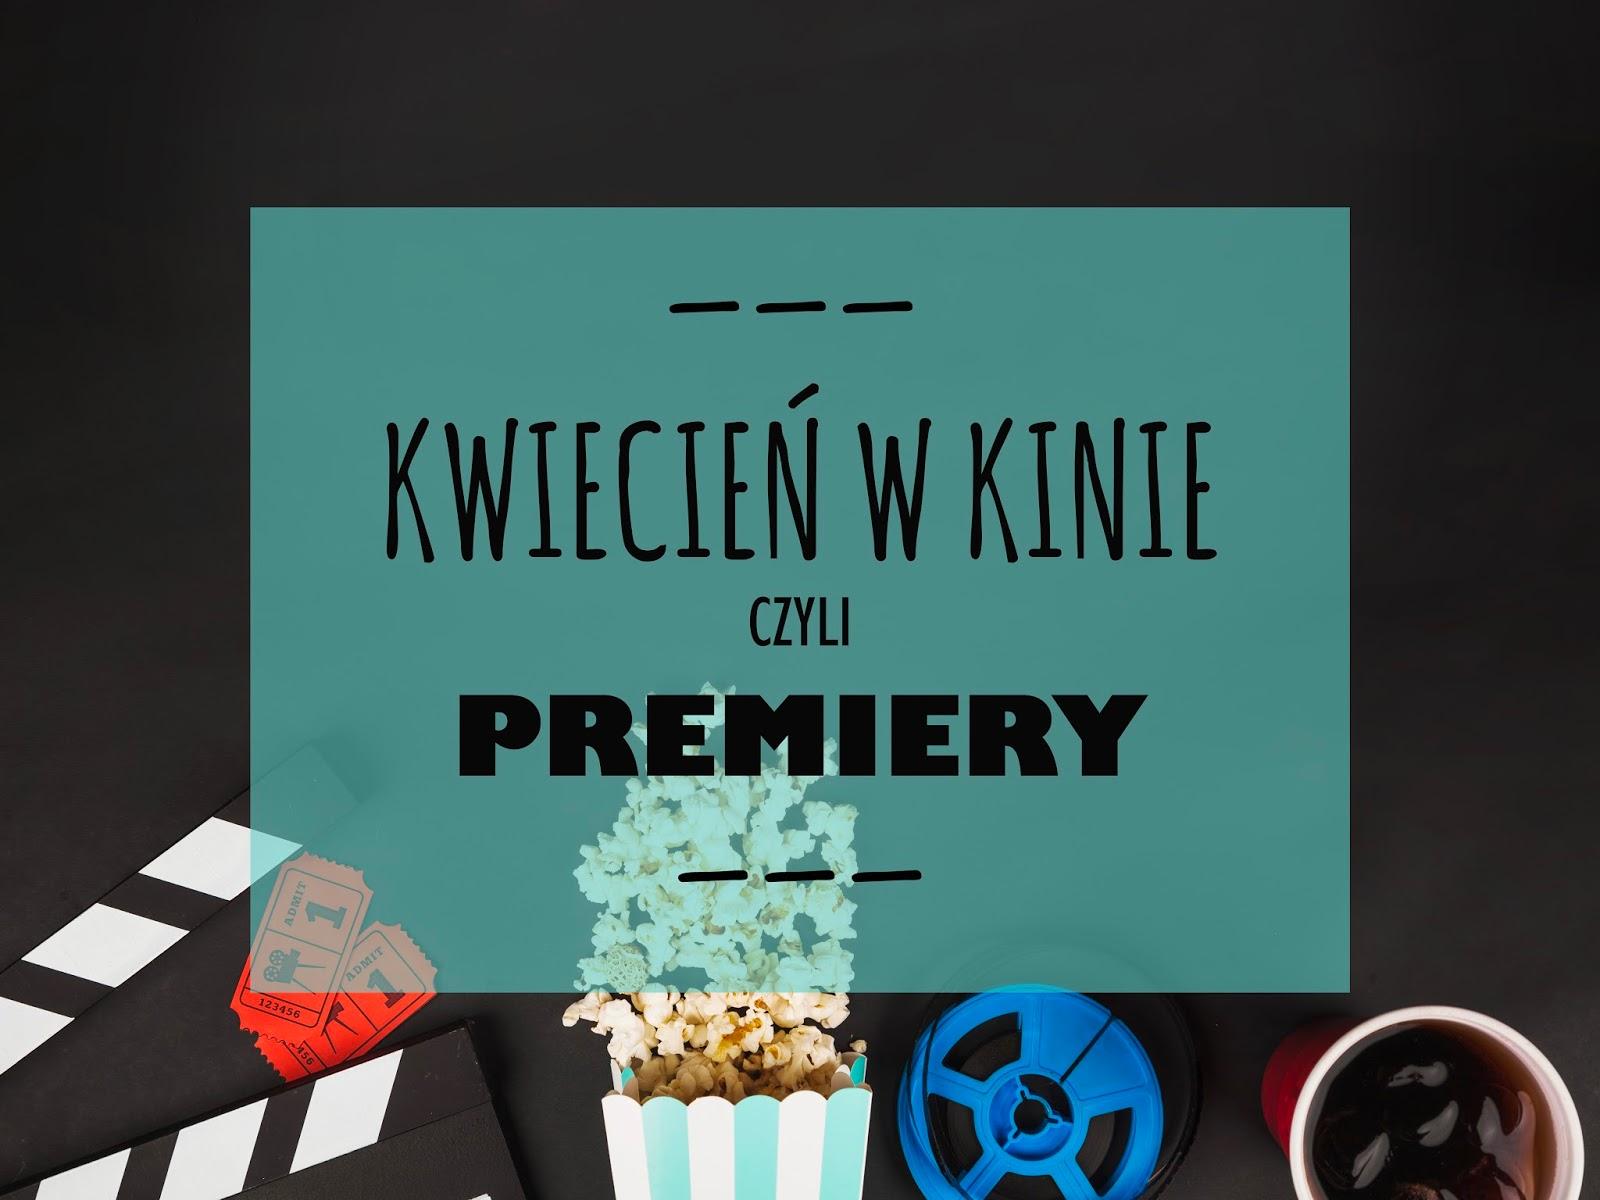 Premiery kinowe - Kwiecień 2018